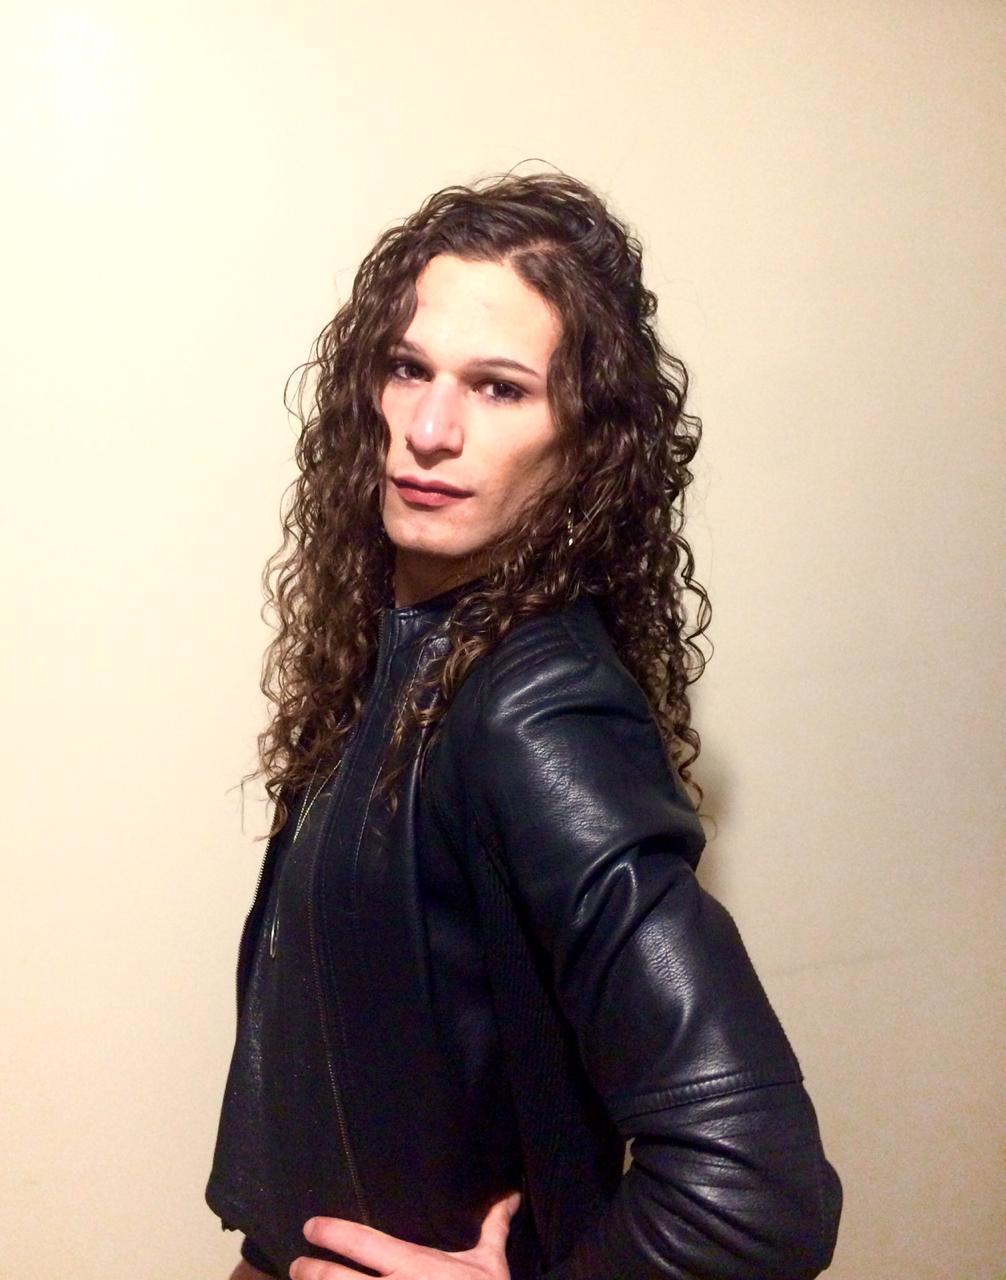 Ana Sofía Villaseñor pilota trans